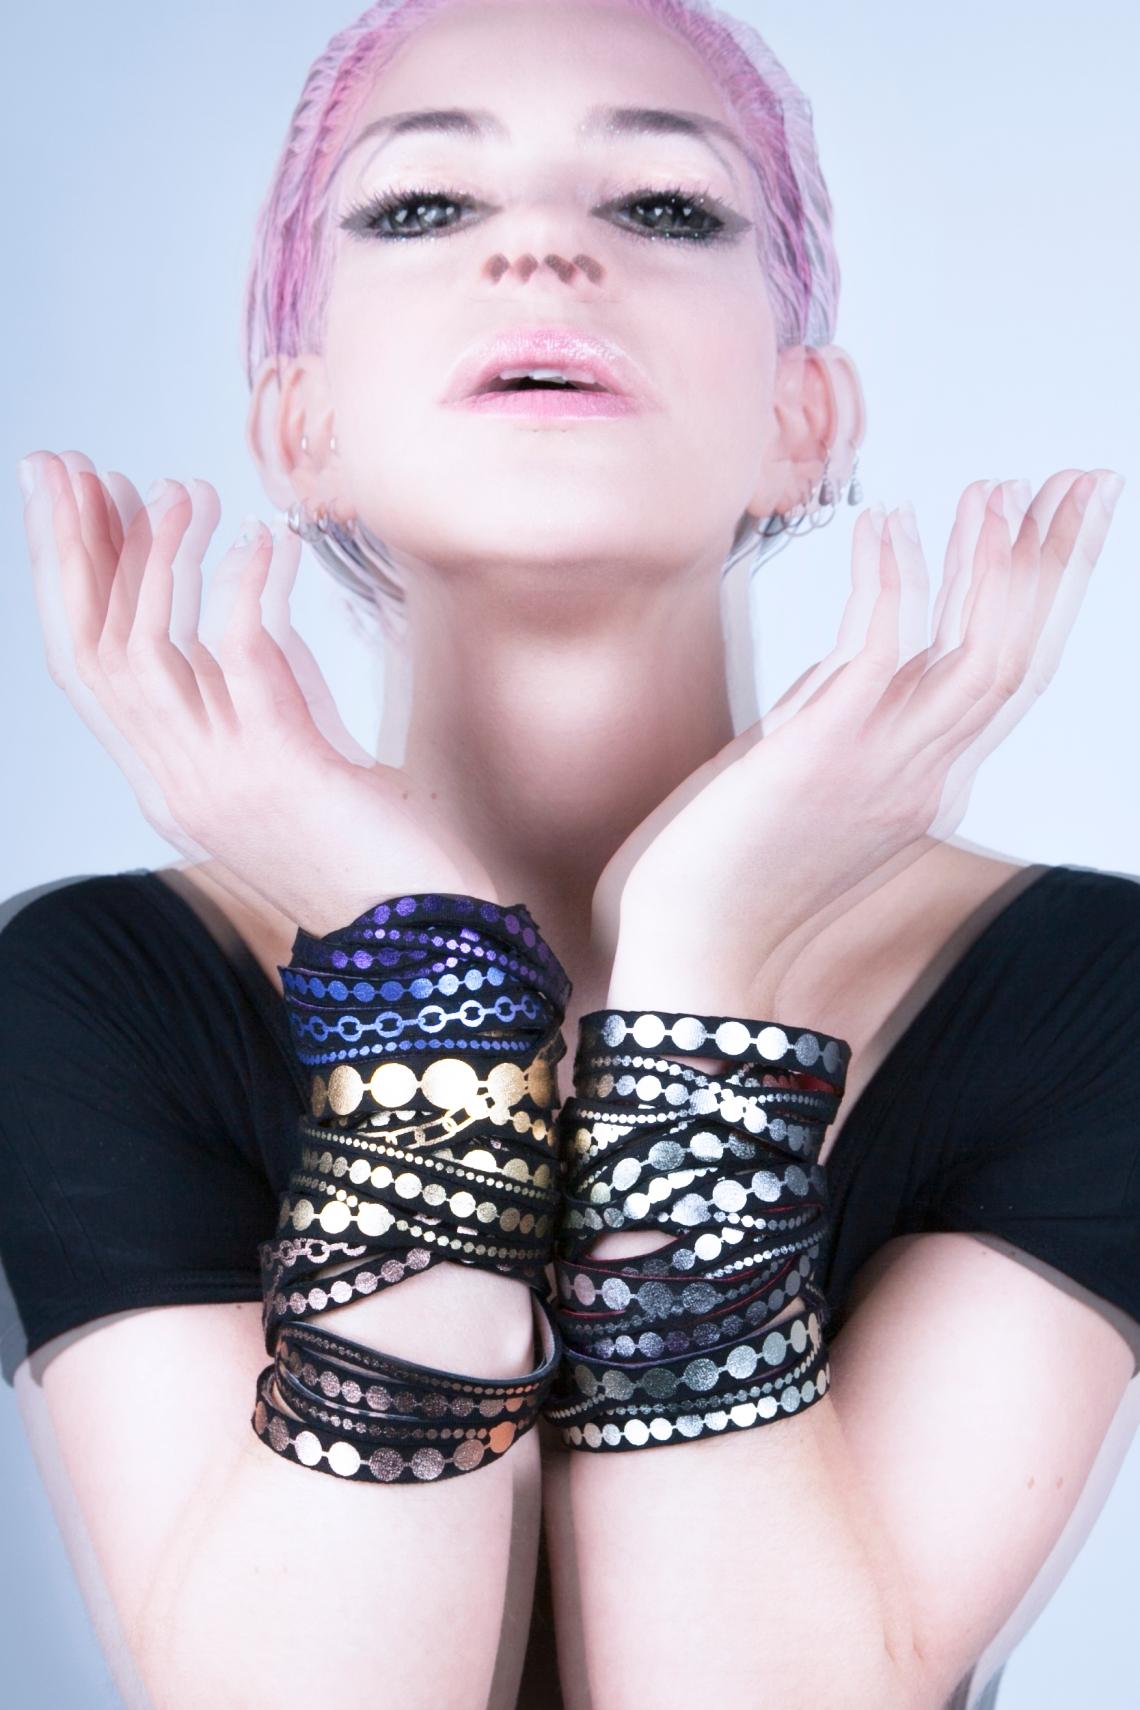 Uli Rapp, armbanden. Foto met dank aan Uli Rapp©